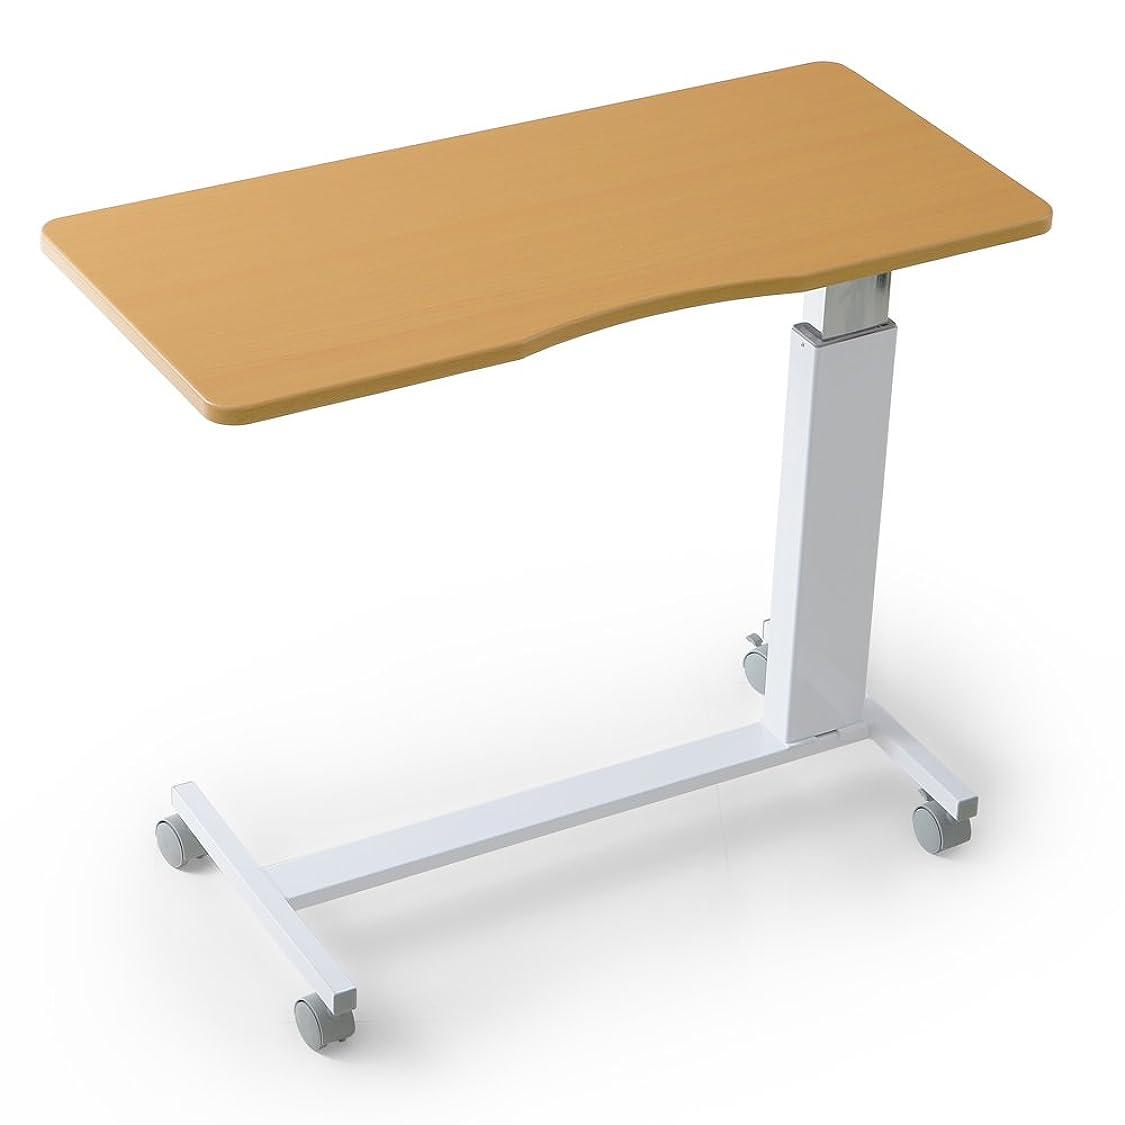 インポートヒステリック挨拶LOWYA (ロウヤ) テーブル ベッドテーブル ガス圧 昇降 66~90cm キャスター付 介護 サイドテーブル ナチュラル ホワイト おしゃれ 新生活